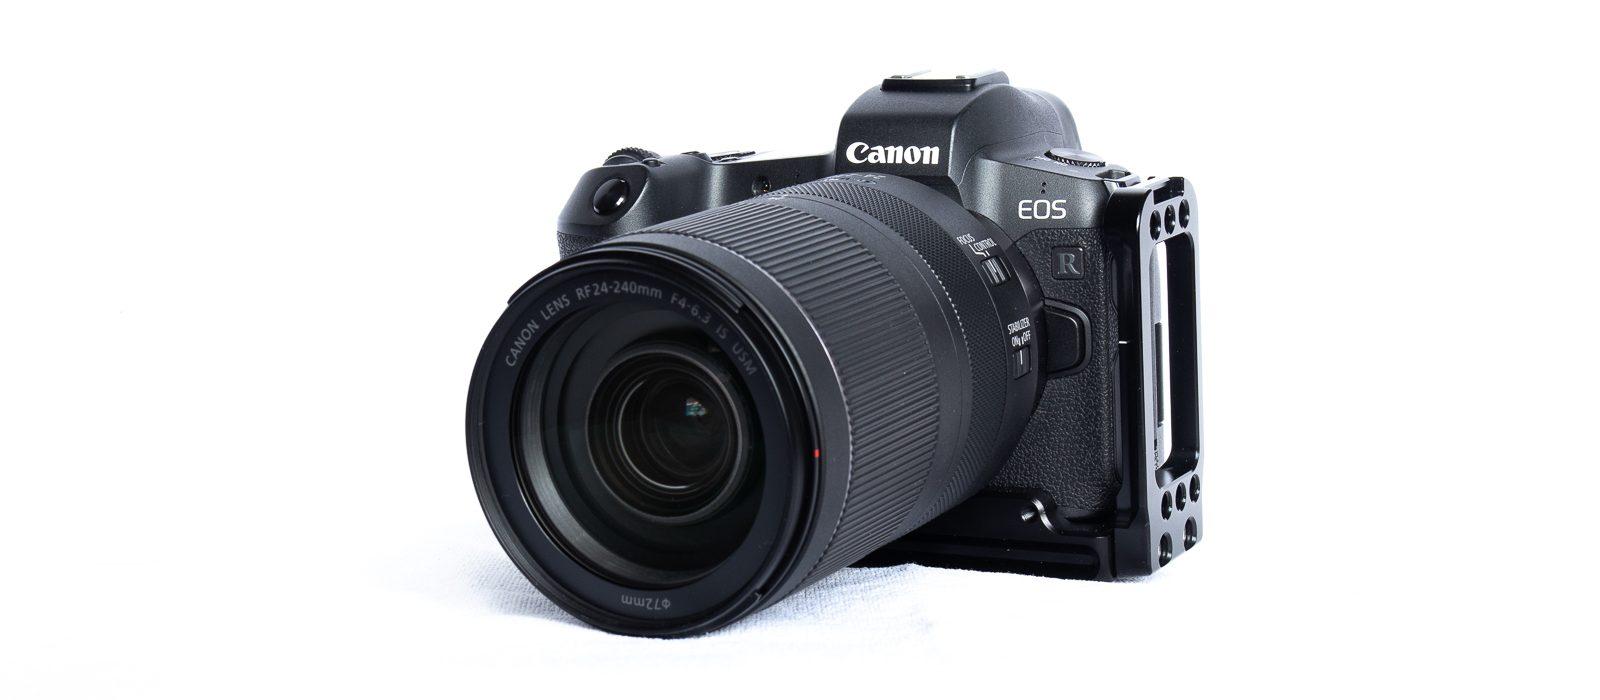 Canon EOS R + Canon RF 24-240mm